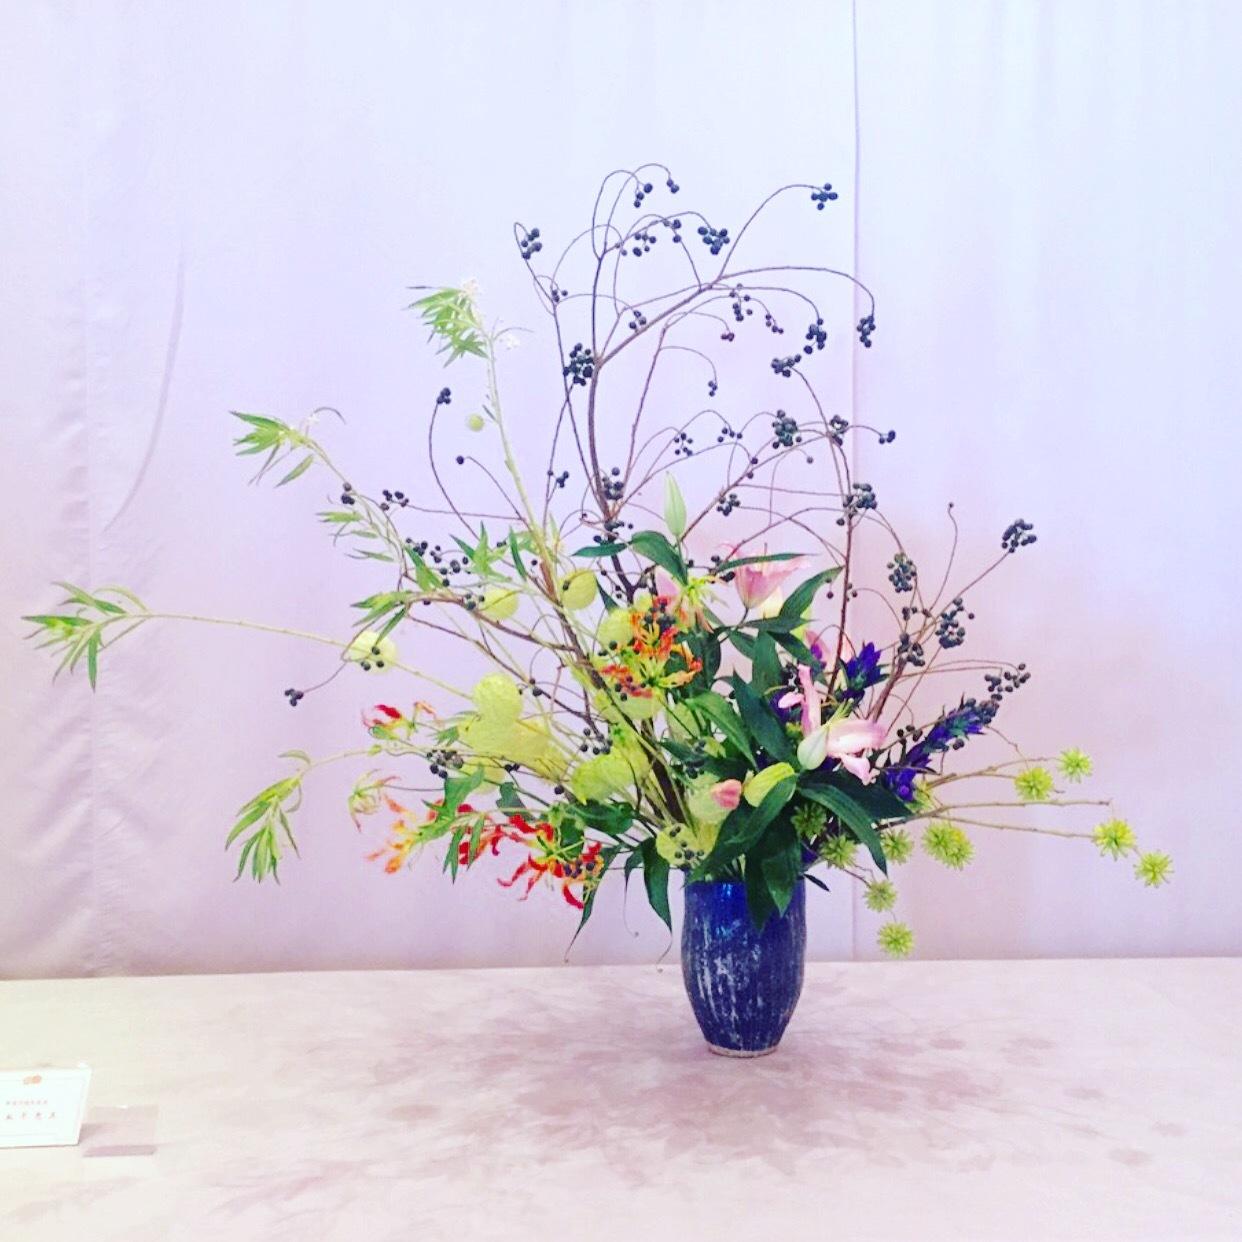 平安神宮 献花展 9月10日、11日_b0248803_11053043.jpeg